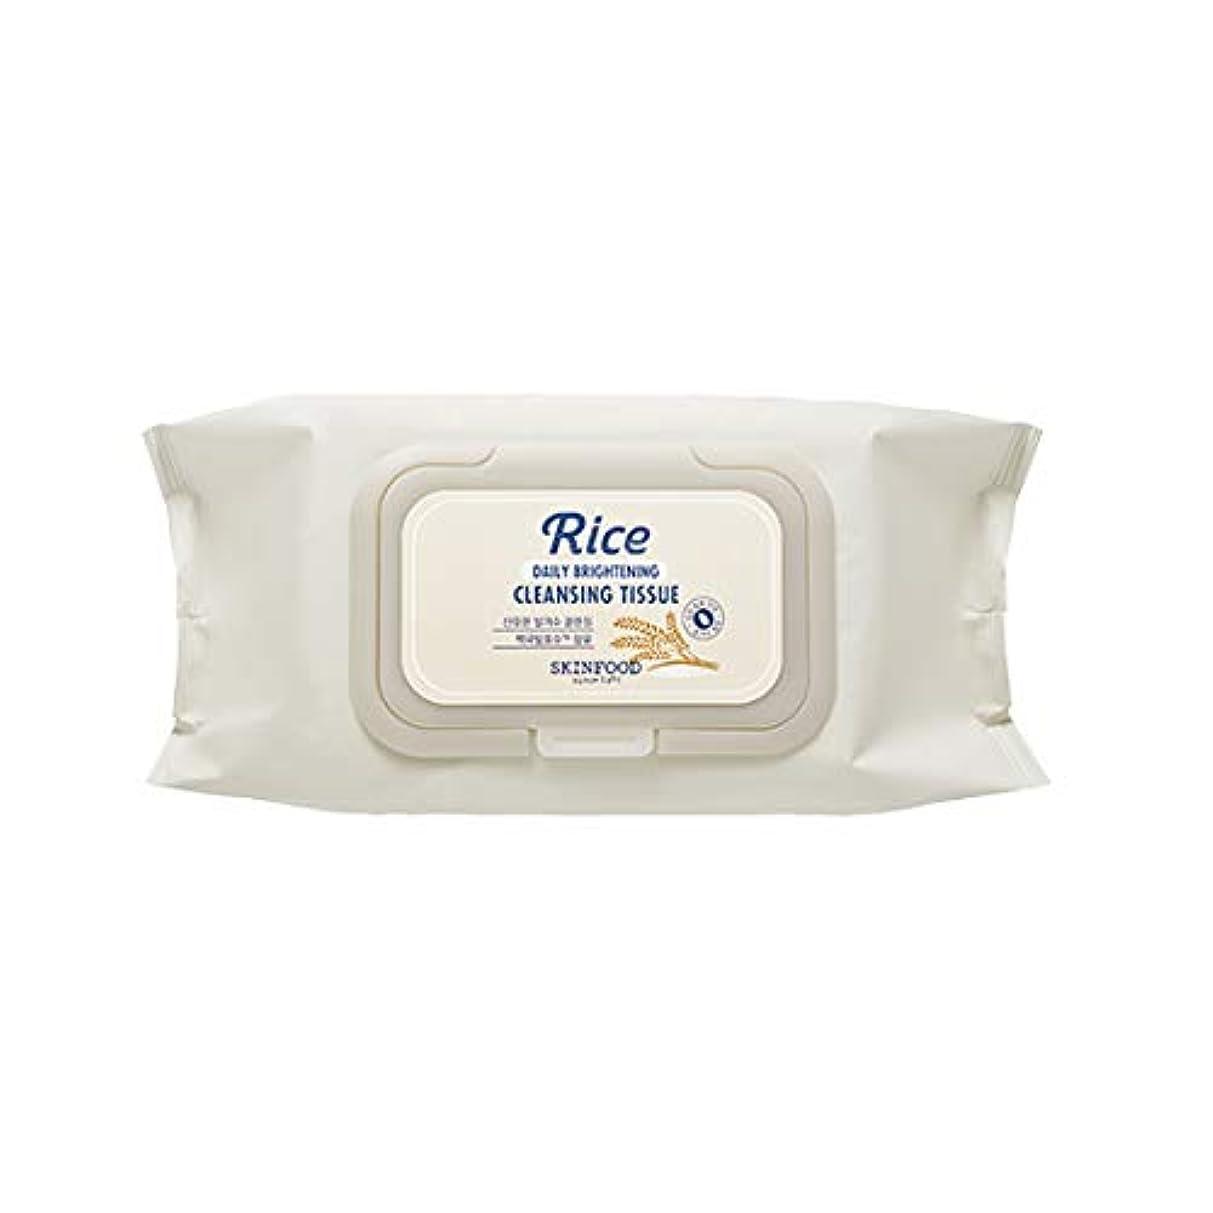 葉巻器用雄弁Skinfood/Rice Daily Brightening Cleansing Tissue/ライスデイリーブライトニングクレンジングティッシュ/380ml [並行輸入品]